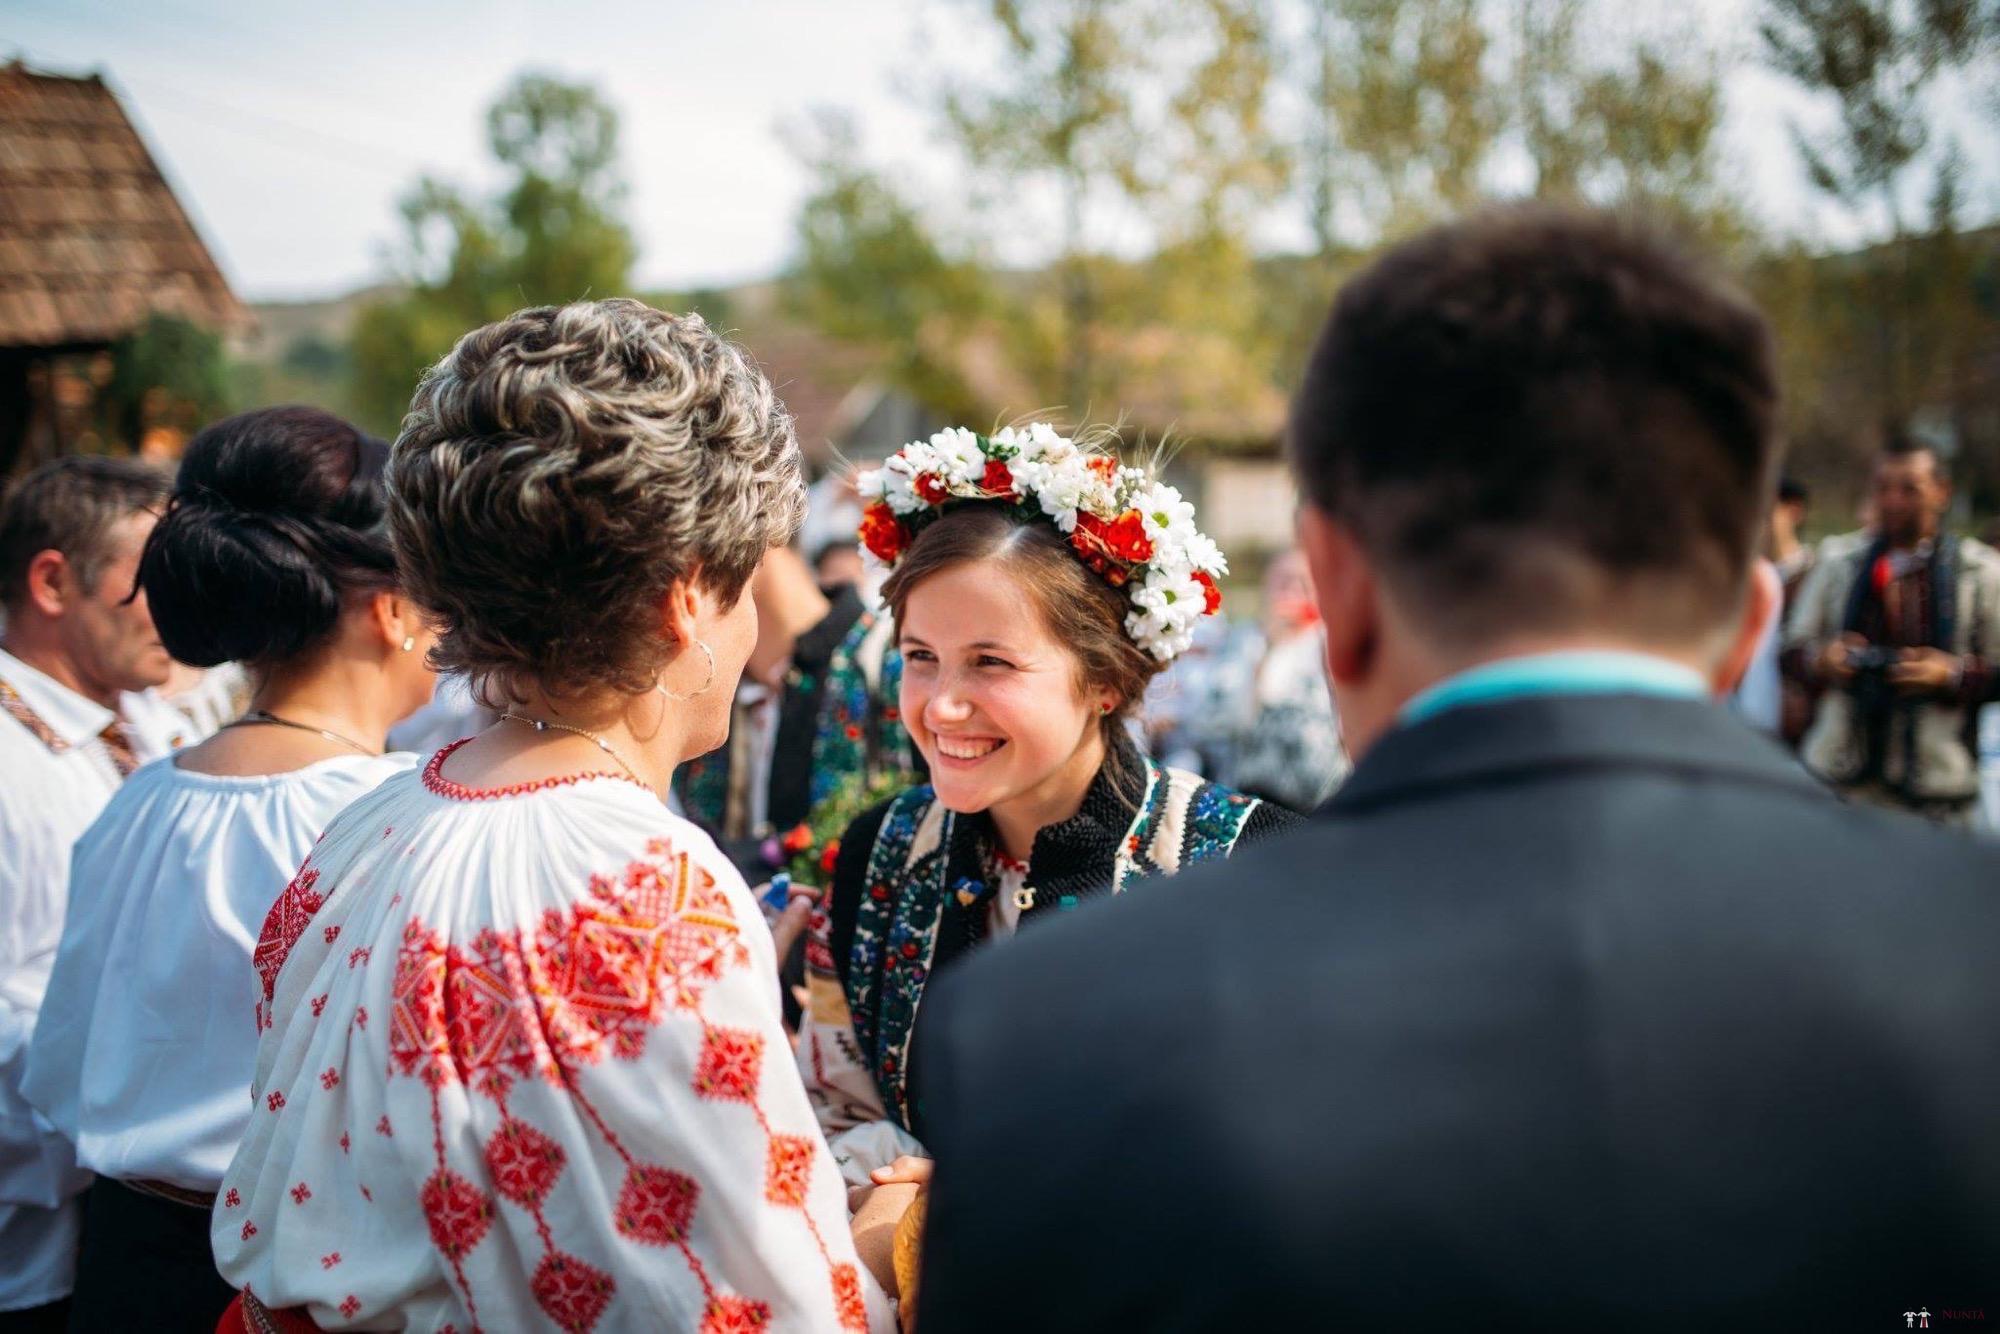 Povești Nunți Tradiționale - Andreea și Sergiu. Nuntă tradițională în Alba-Iulia 29